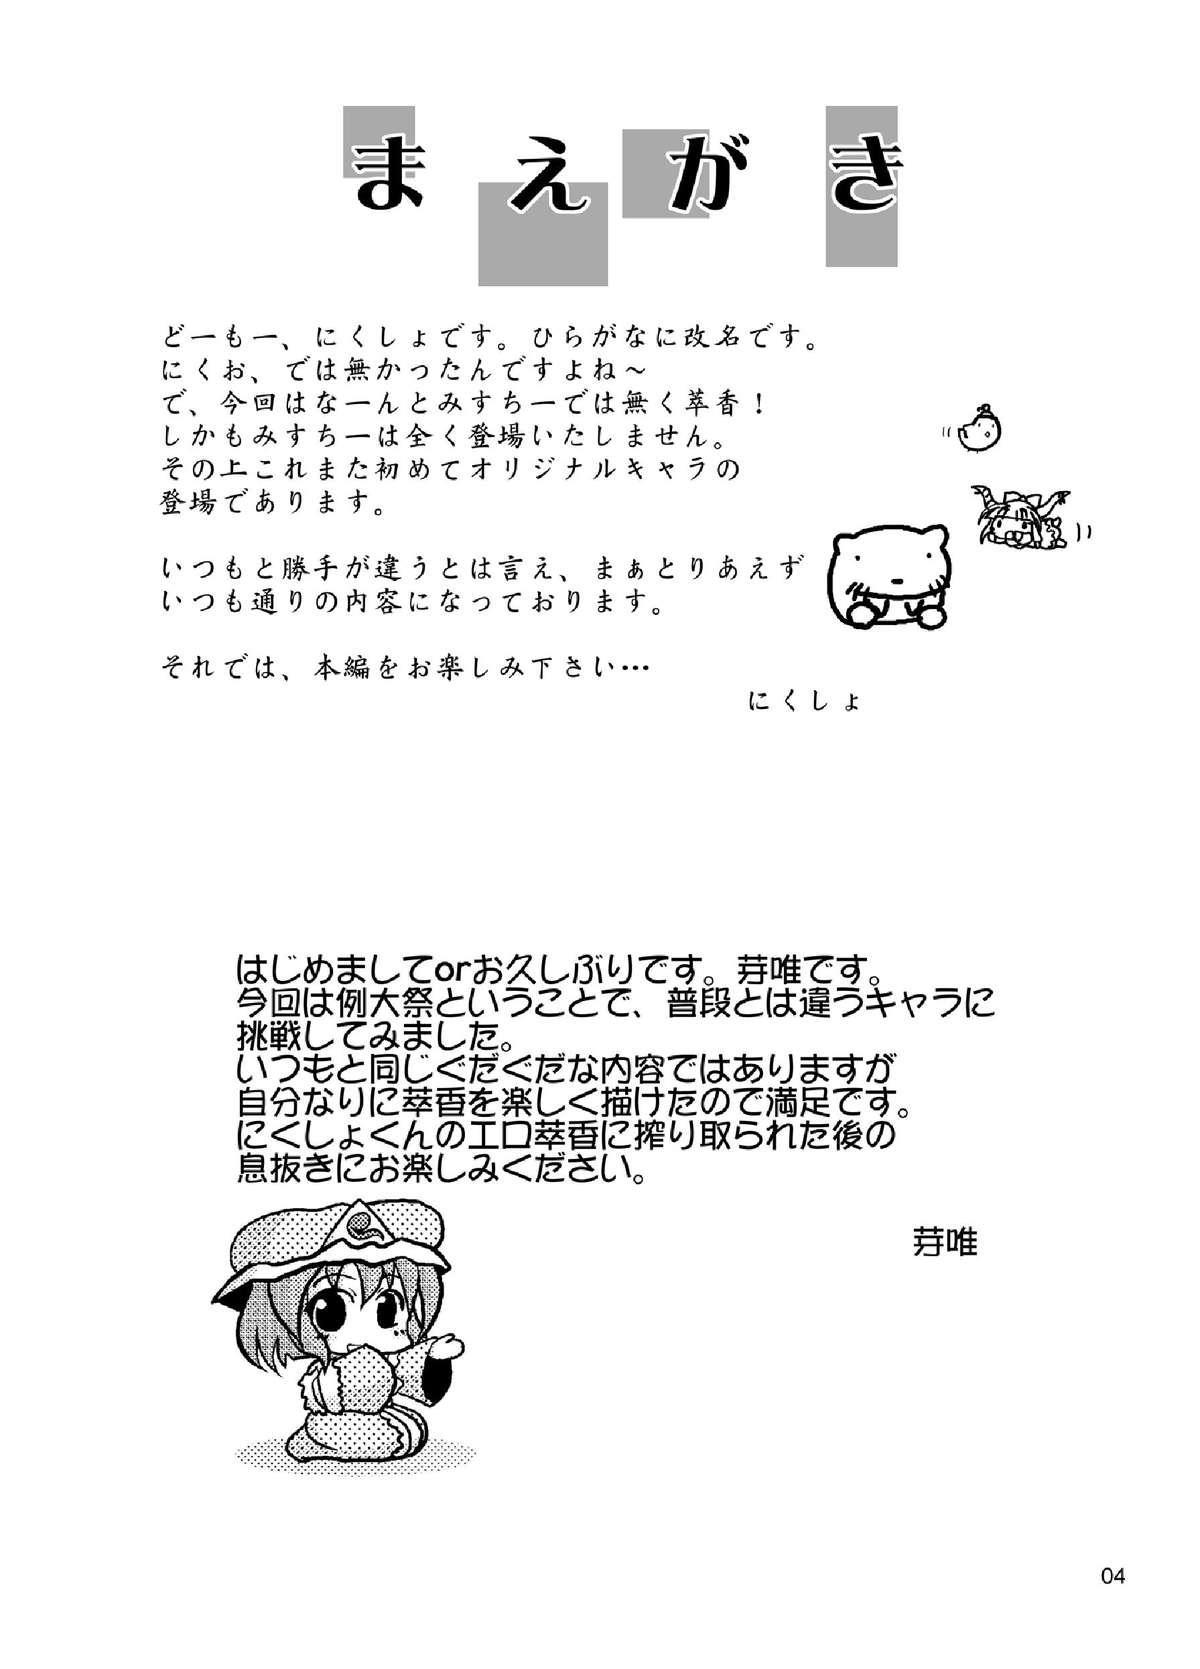 Suika no Okuchi o Meshiagare 2